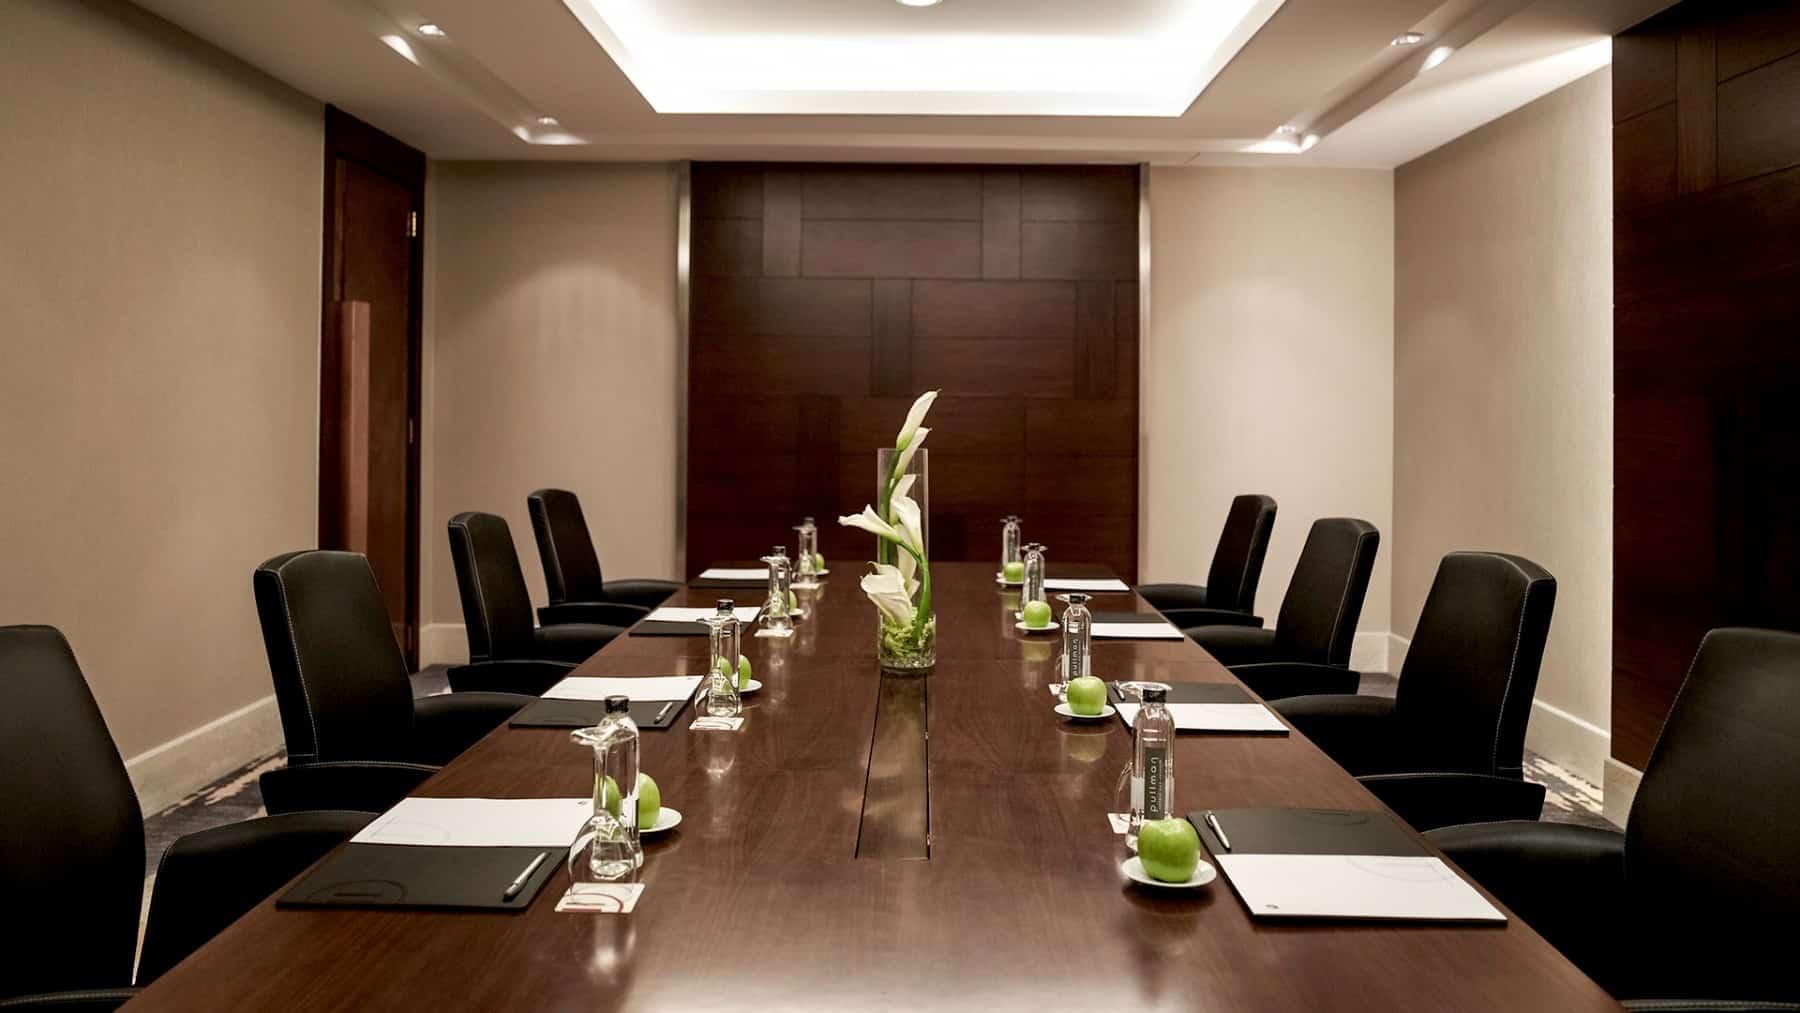 dịch vụ phòng họp dành cho doanh nhân tại khách sạn